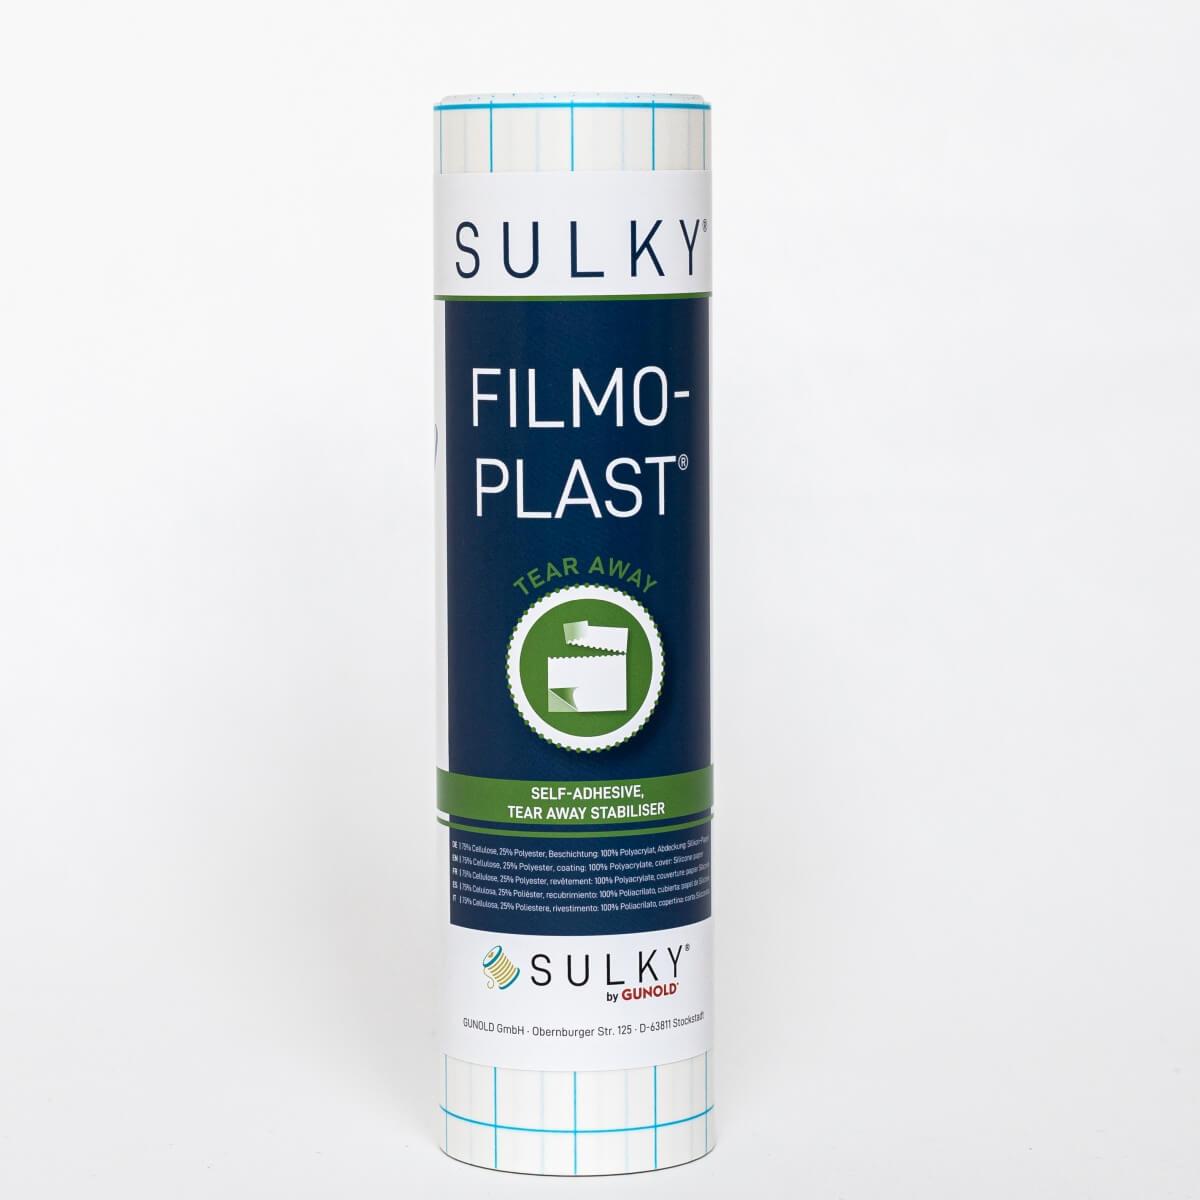 SULKY FILMOPLAST weiß, 25cm x 5m